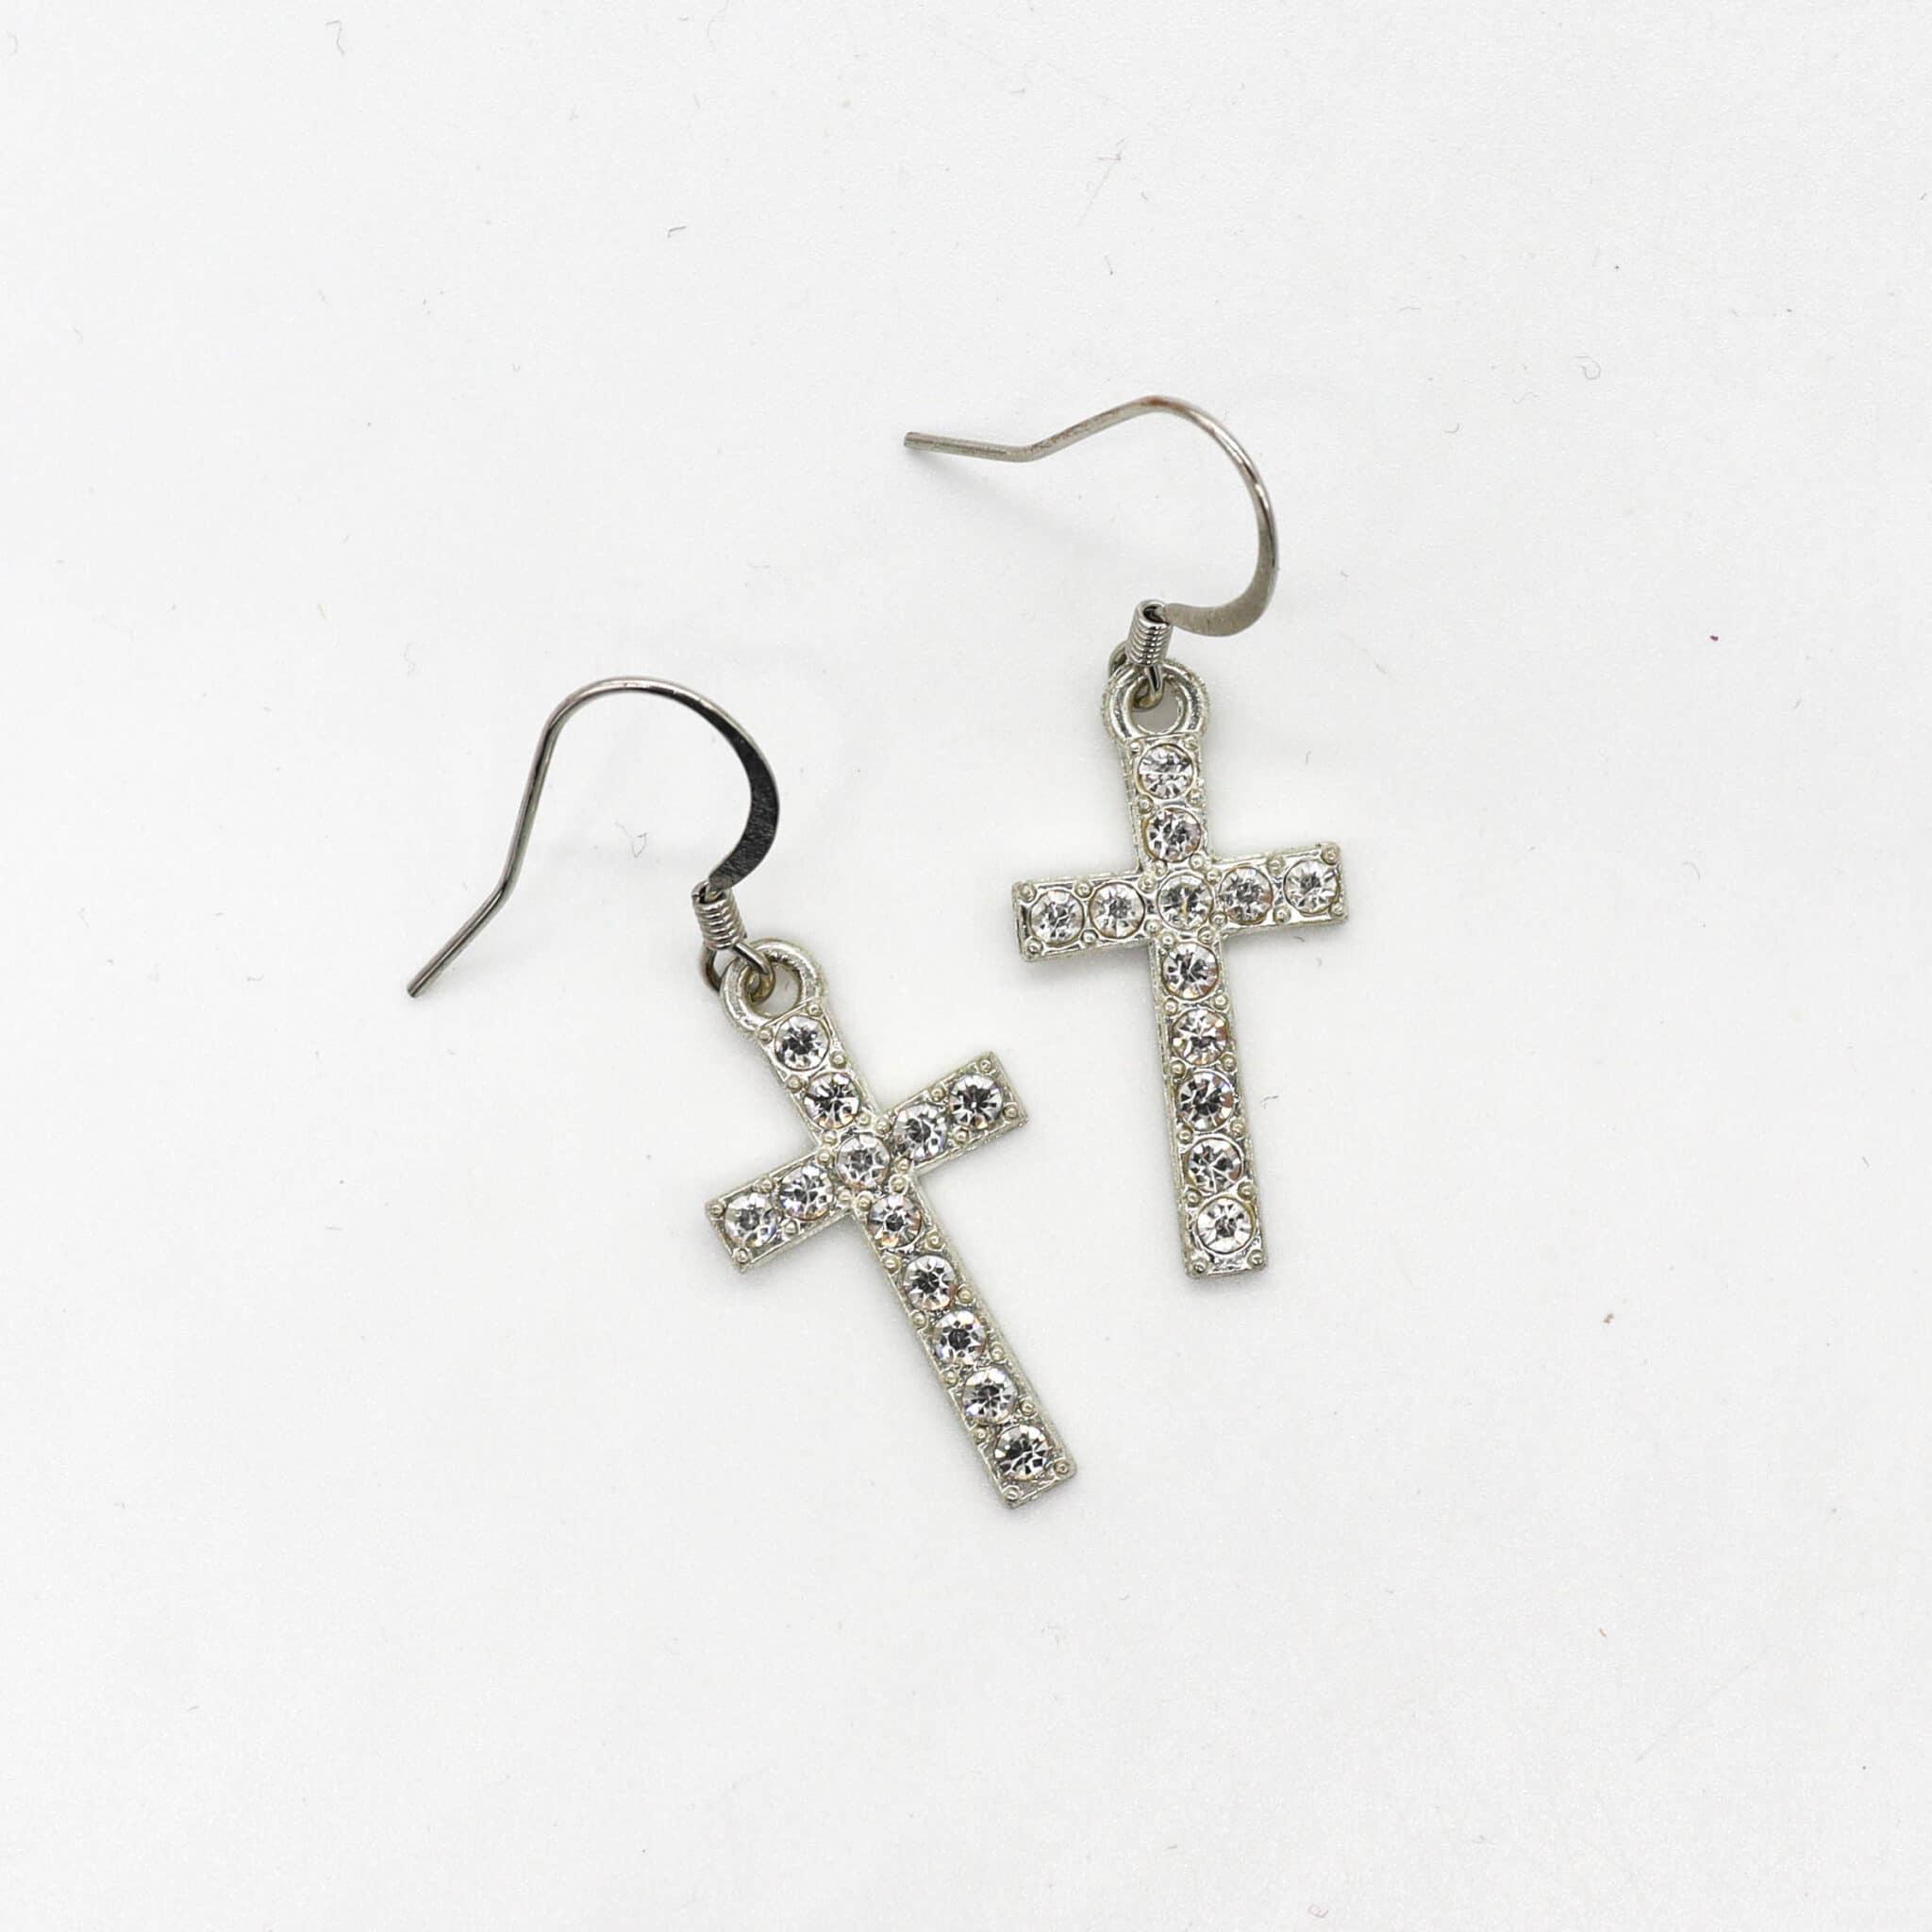 Diamantè Cross Earrings By BJewel*Co